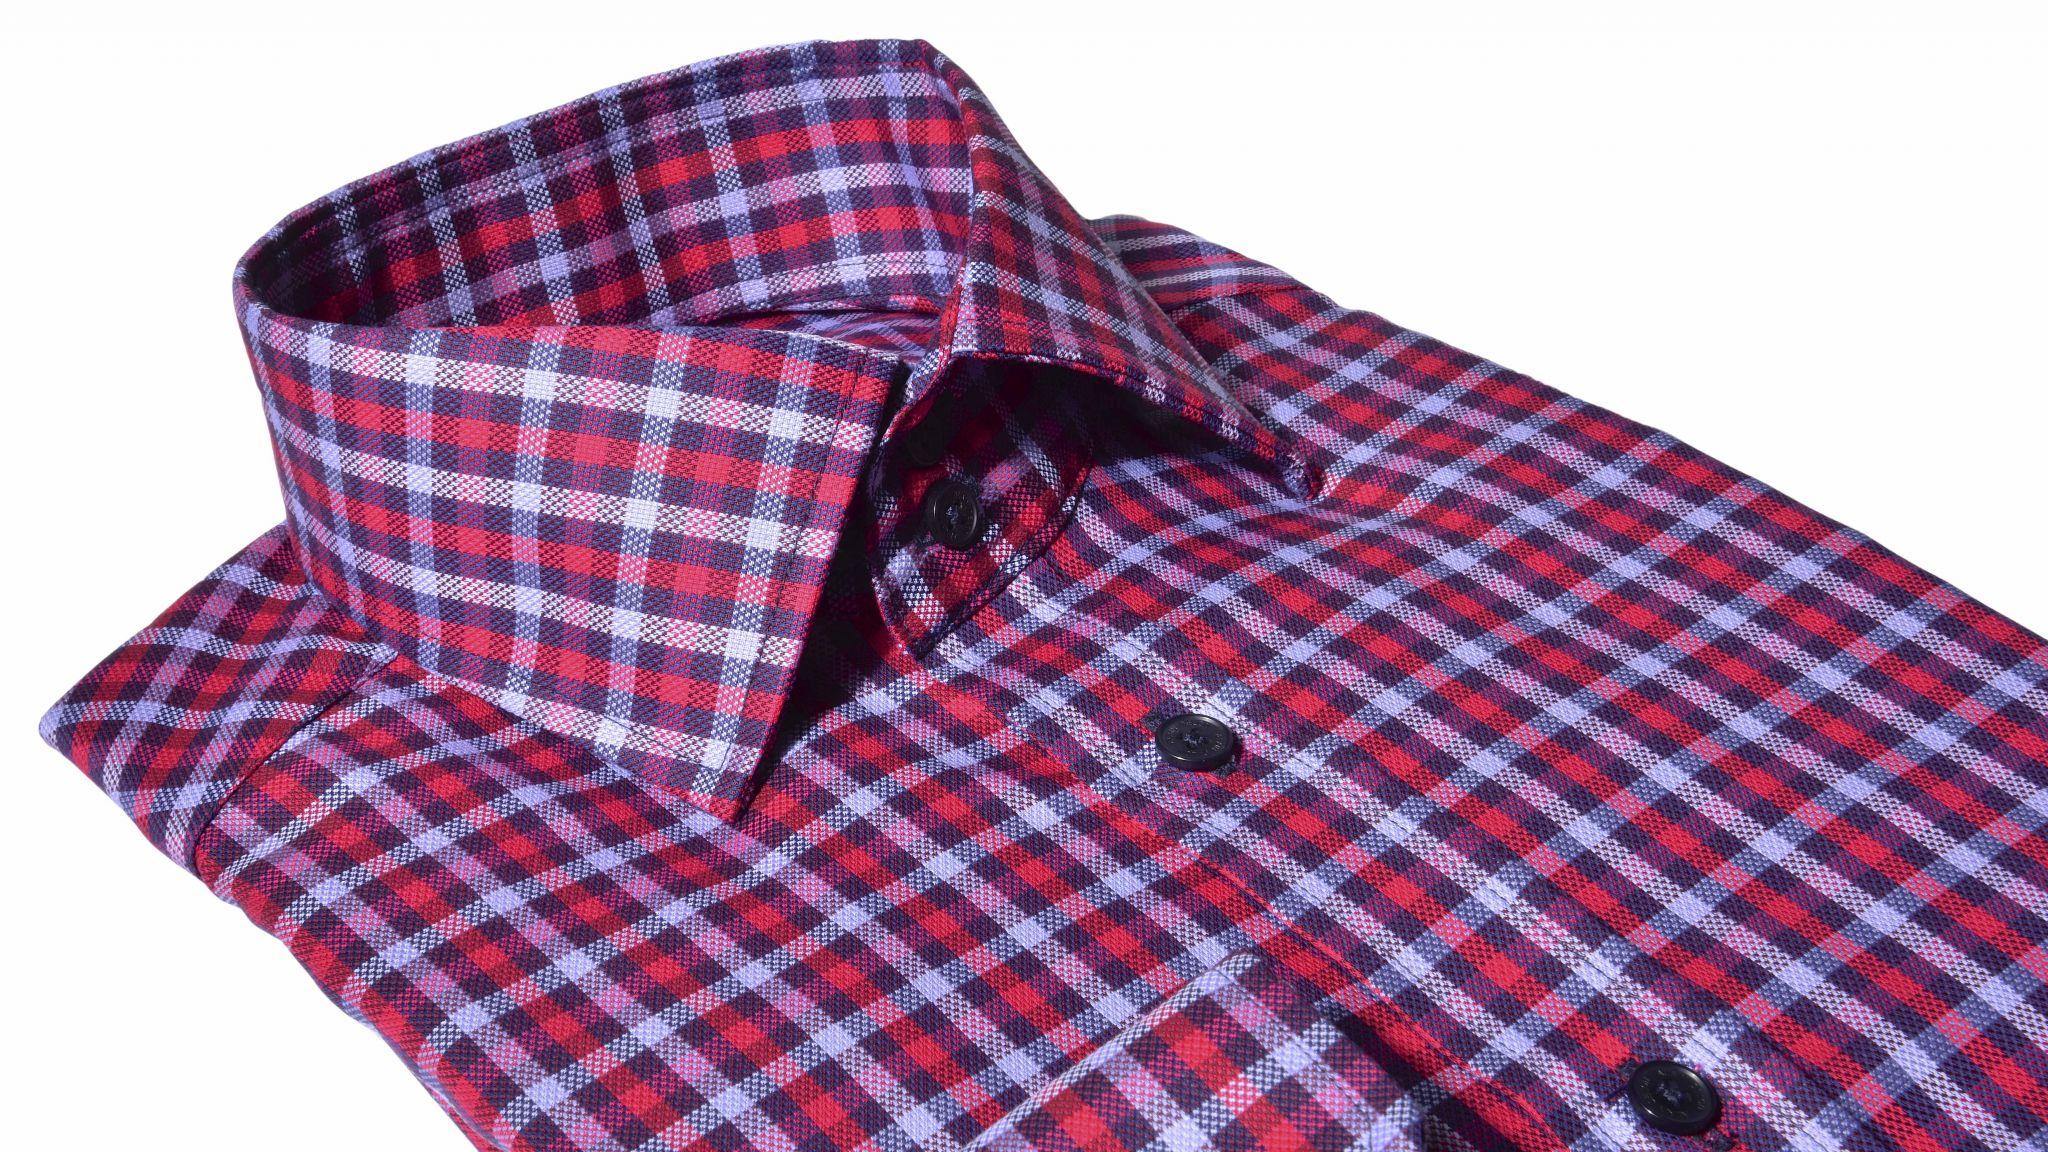 50e162115072 Voľnočasová károvaná Extra Slim Fit košeľa - Košele - E-shop ...